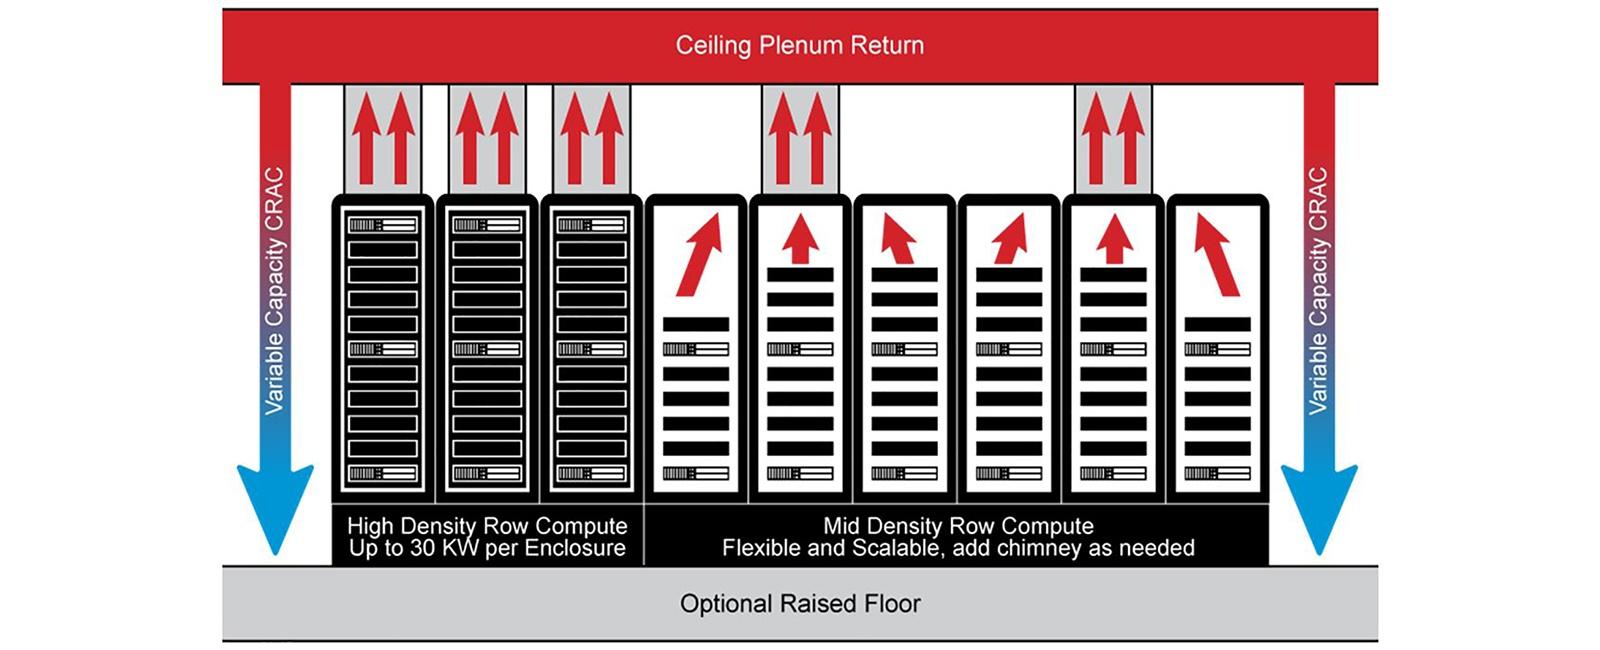 2 Rack-Level Data Center Cooling Strategies